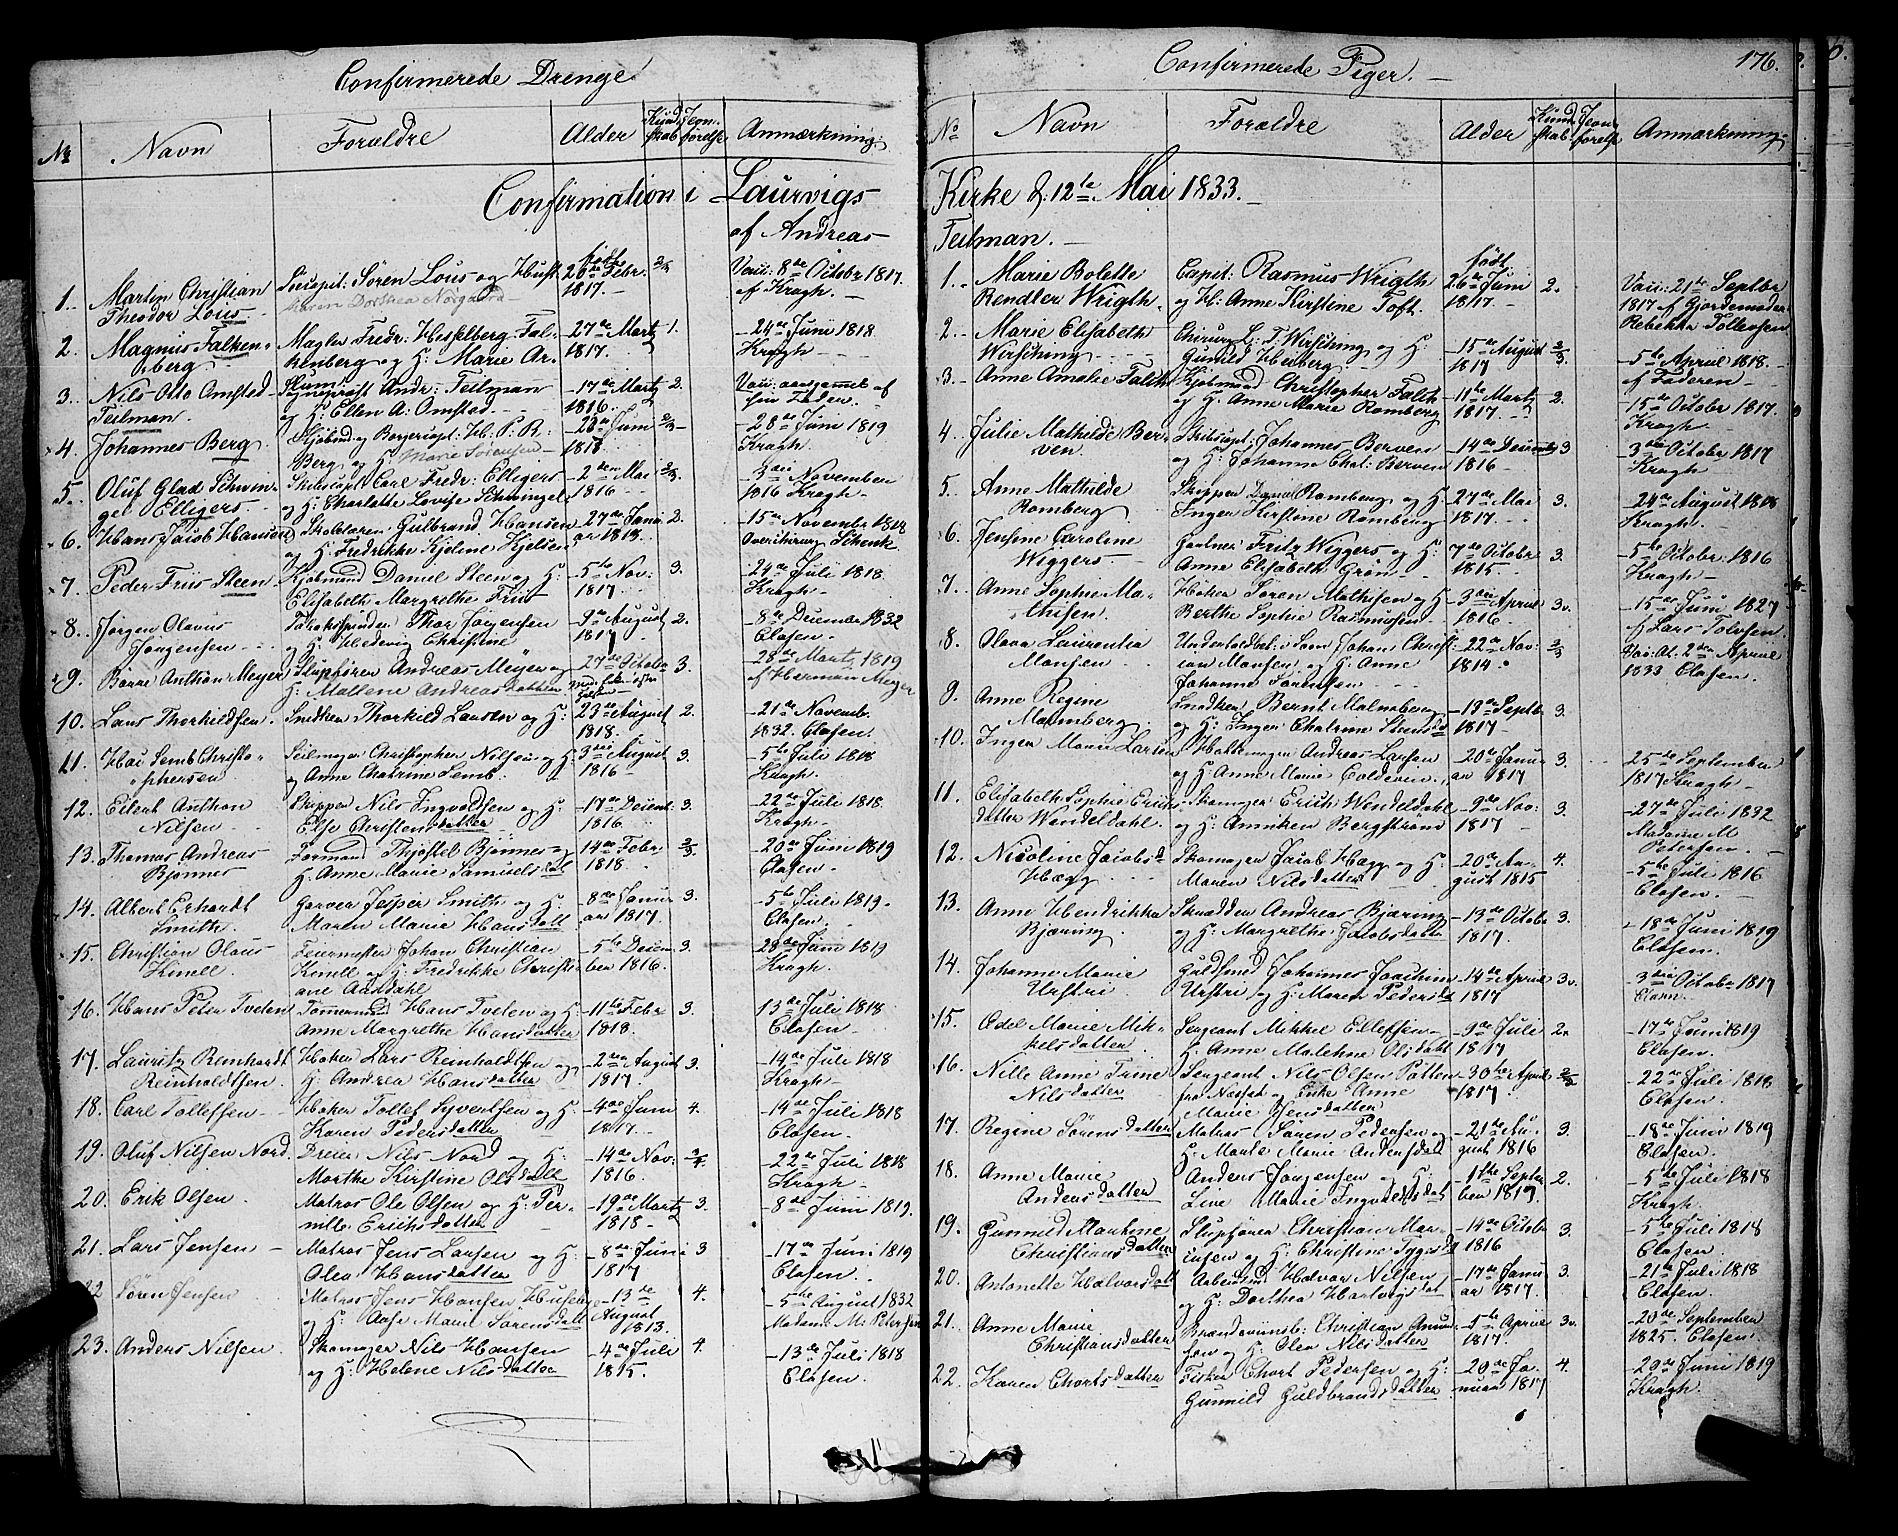 SAKO, Larvik kirkebøker, F/Fa/L0002: Parish register (official) no. I 2, 1825-1847, p. 176